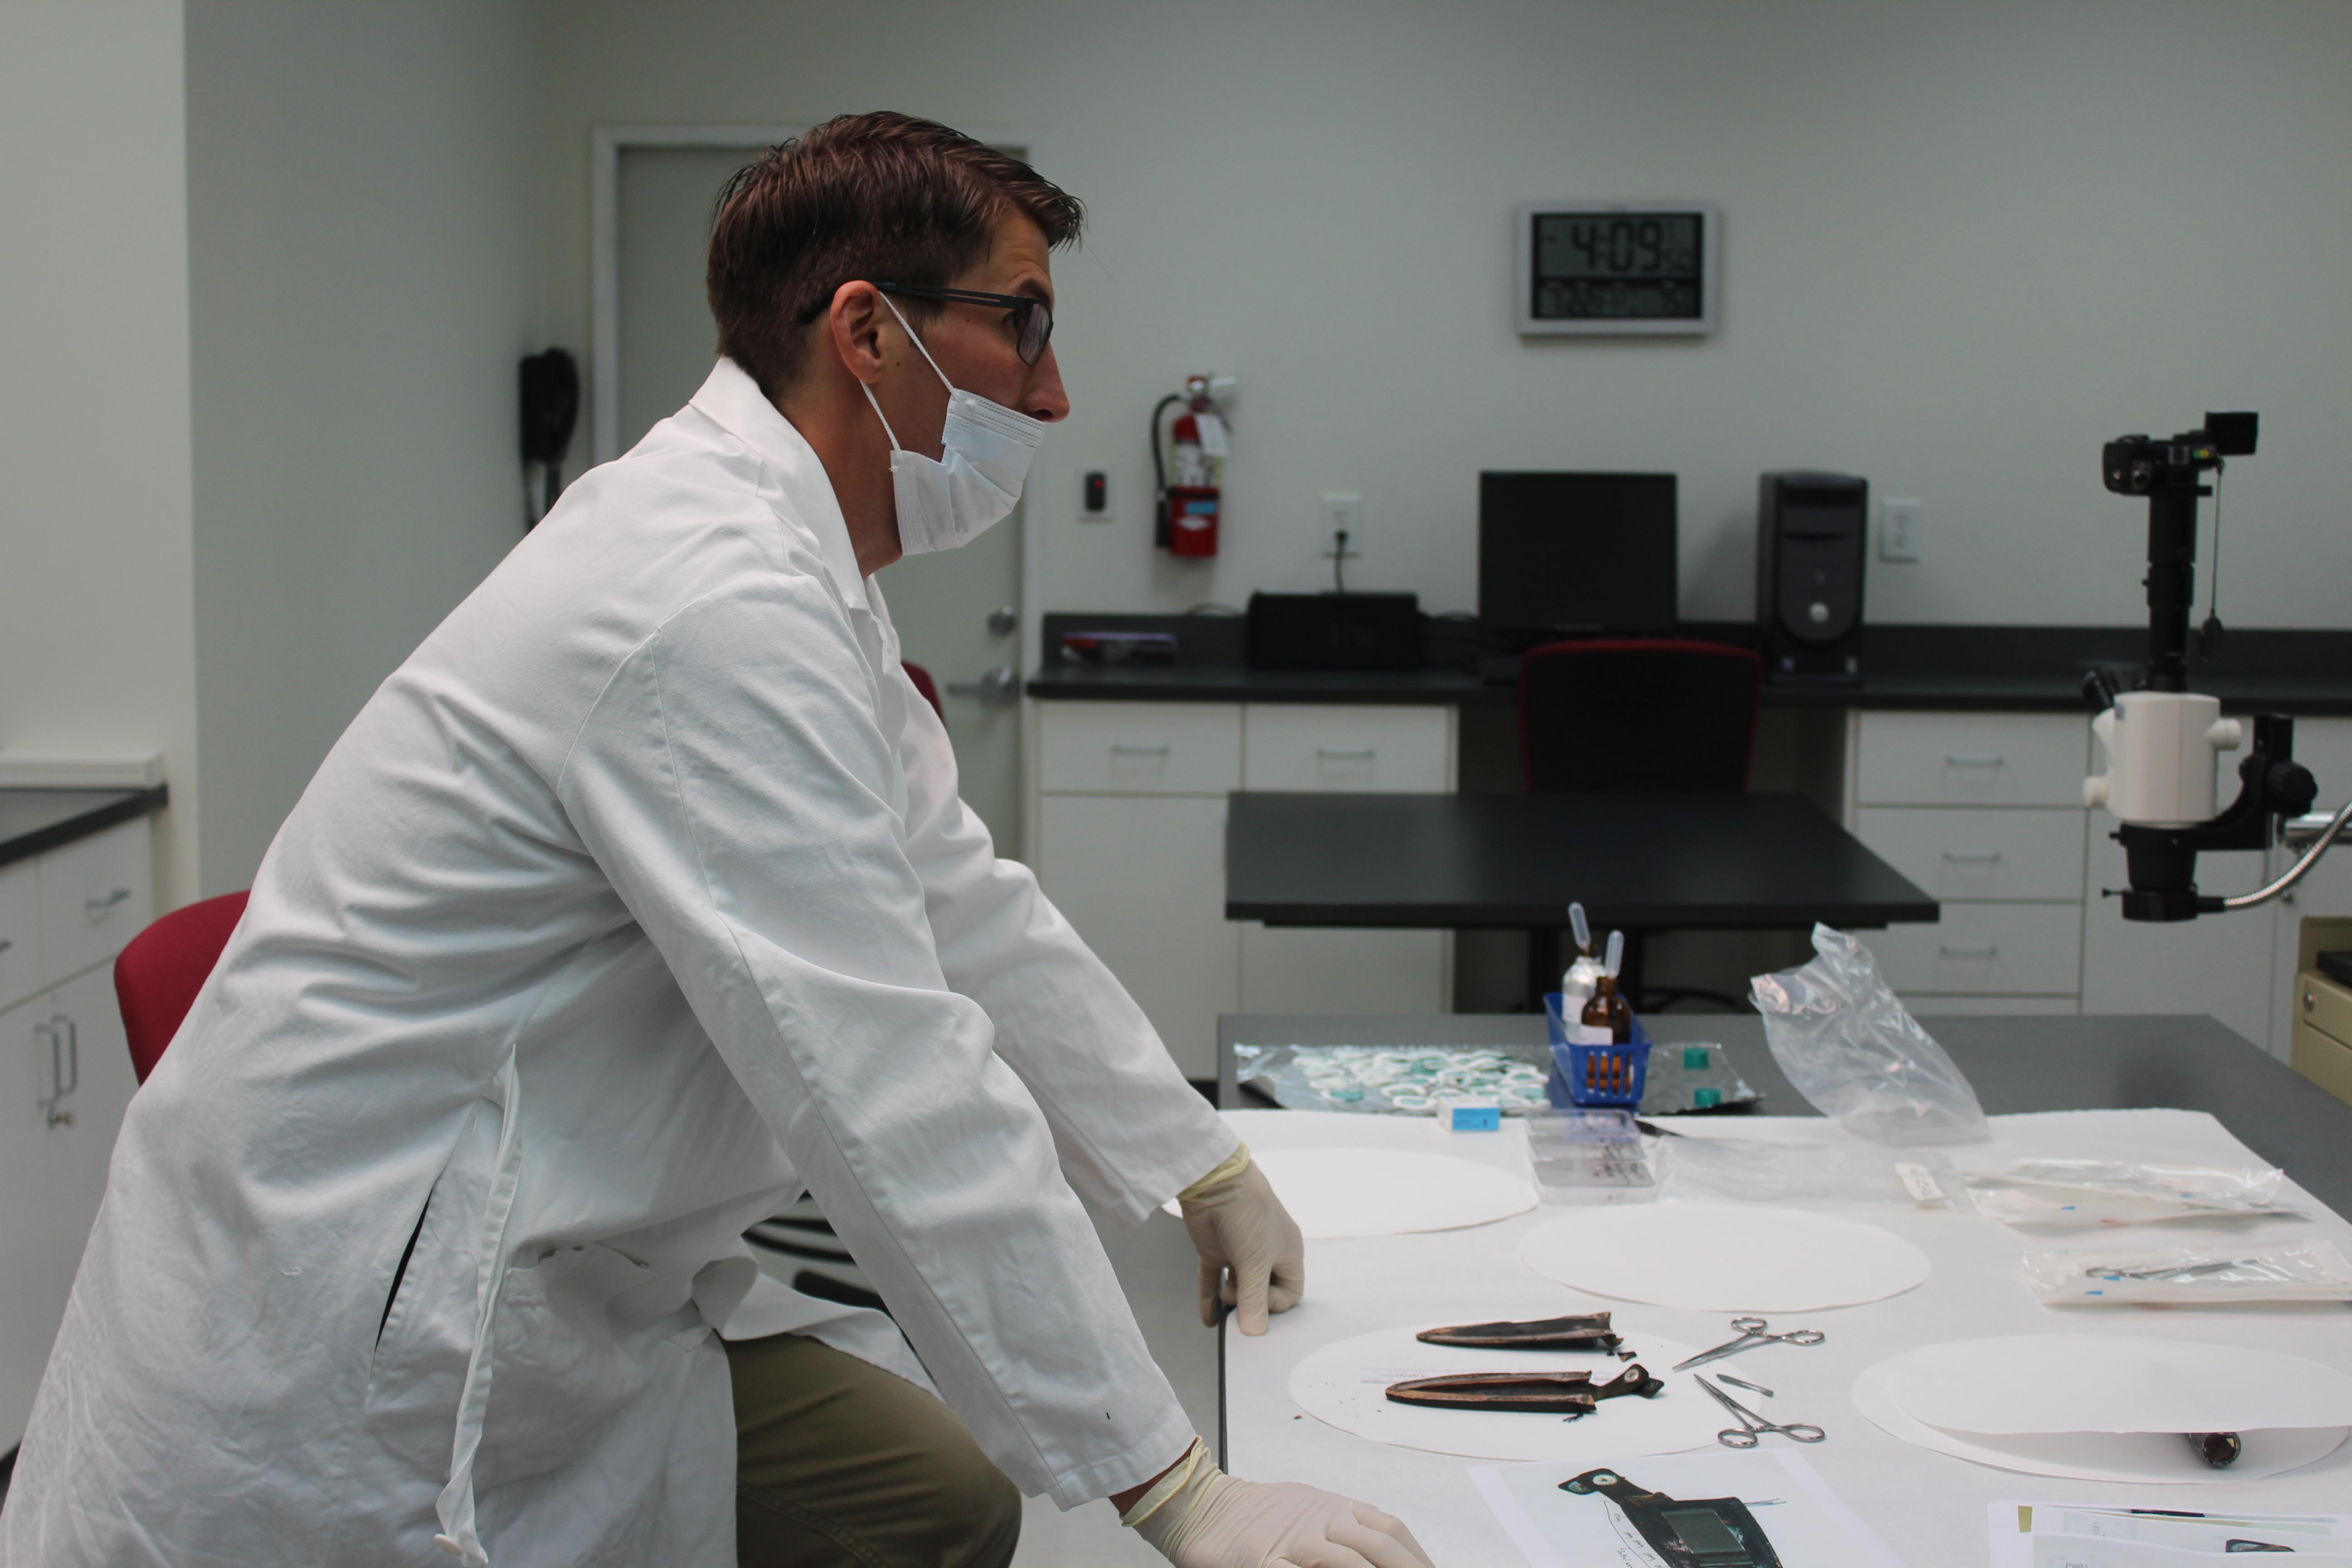 En el laboratorio forense, la funda del cuchillo que puede haber sido el arma homicida